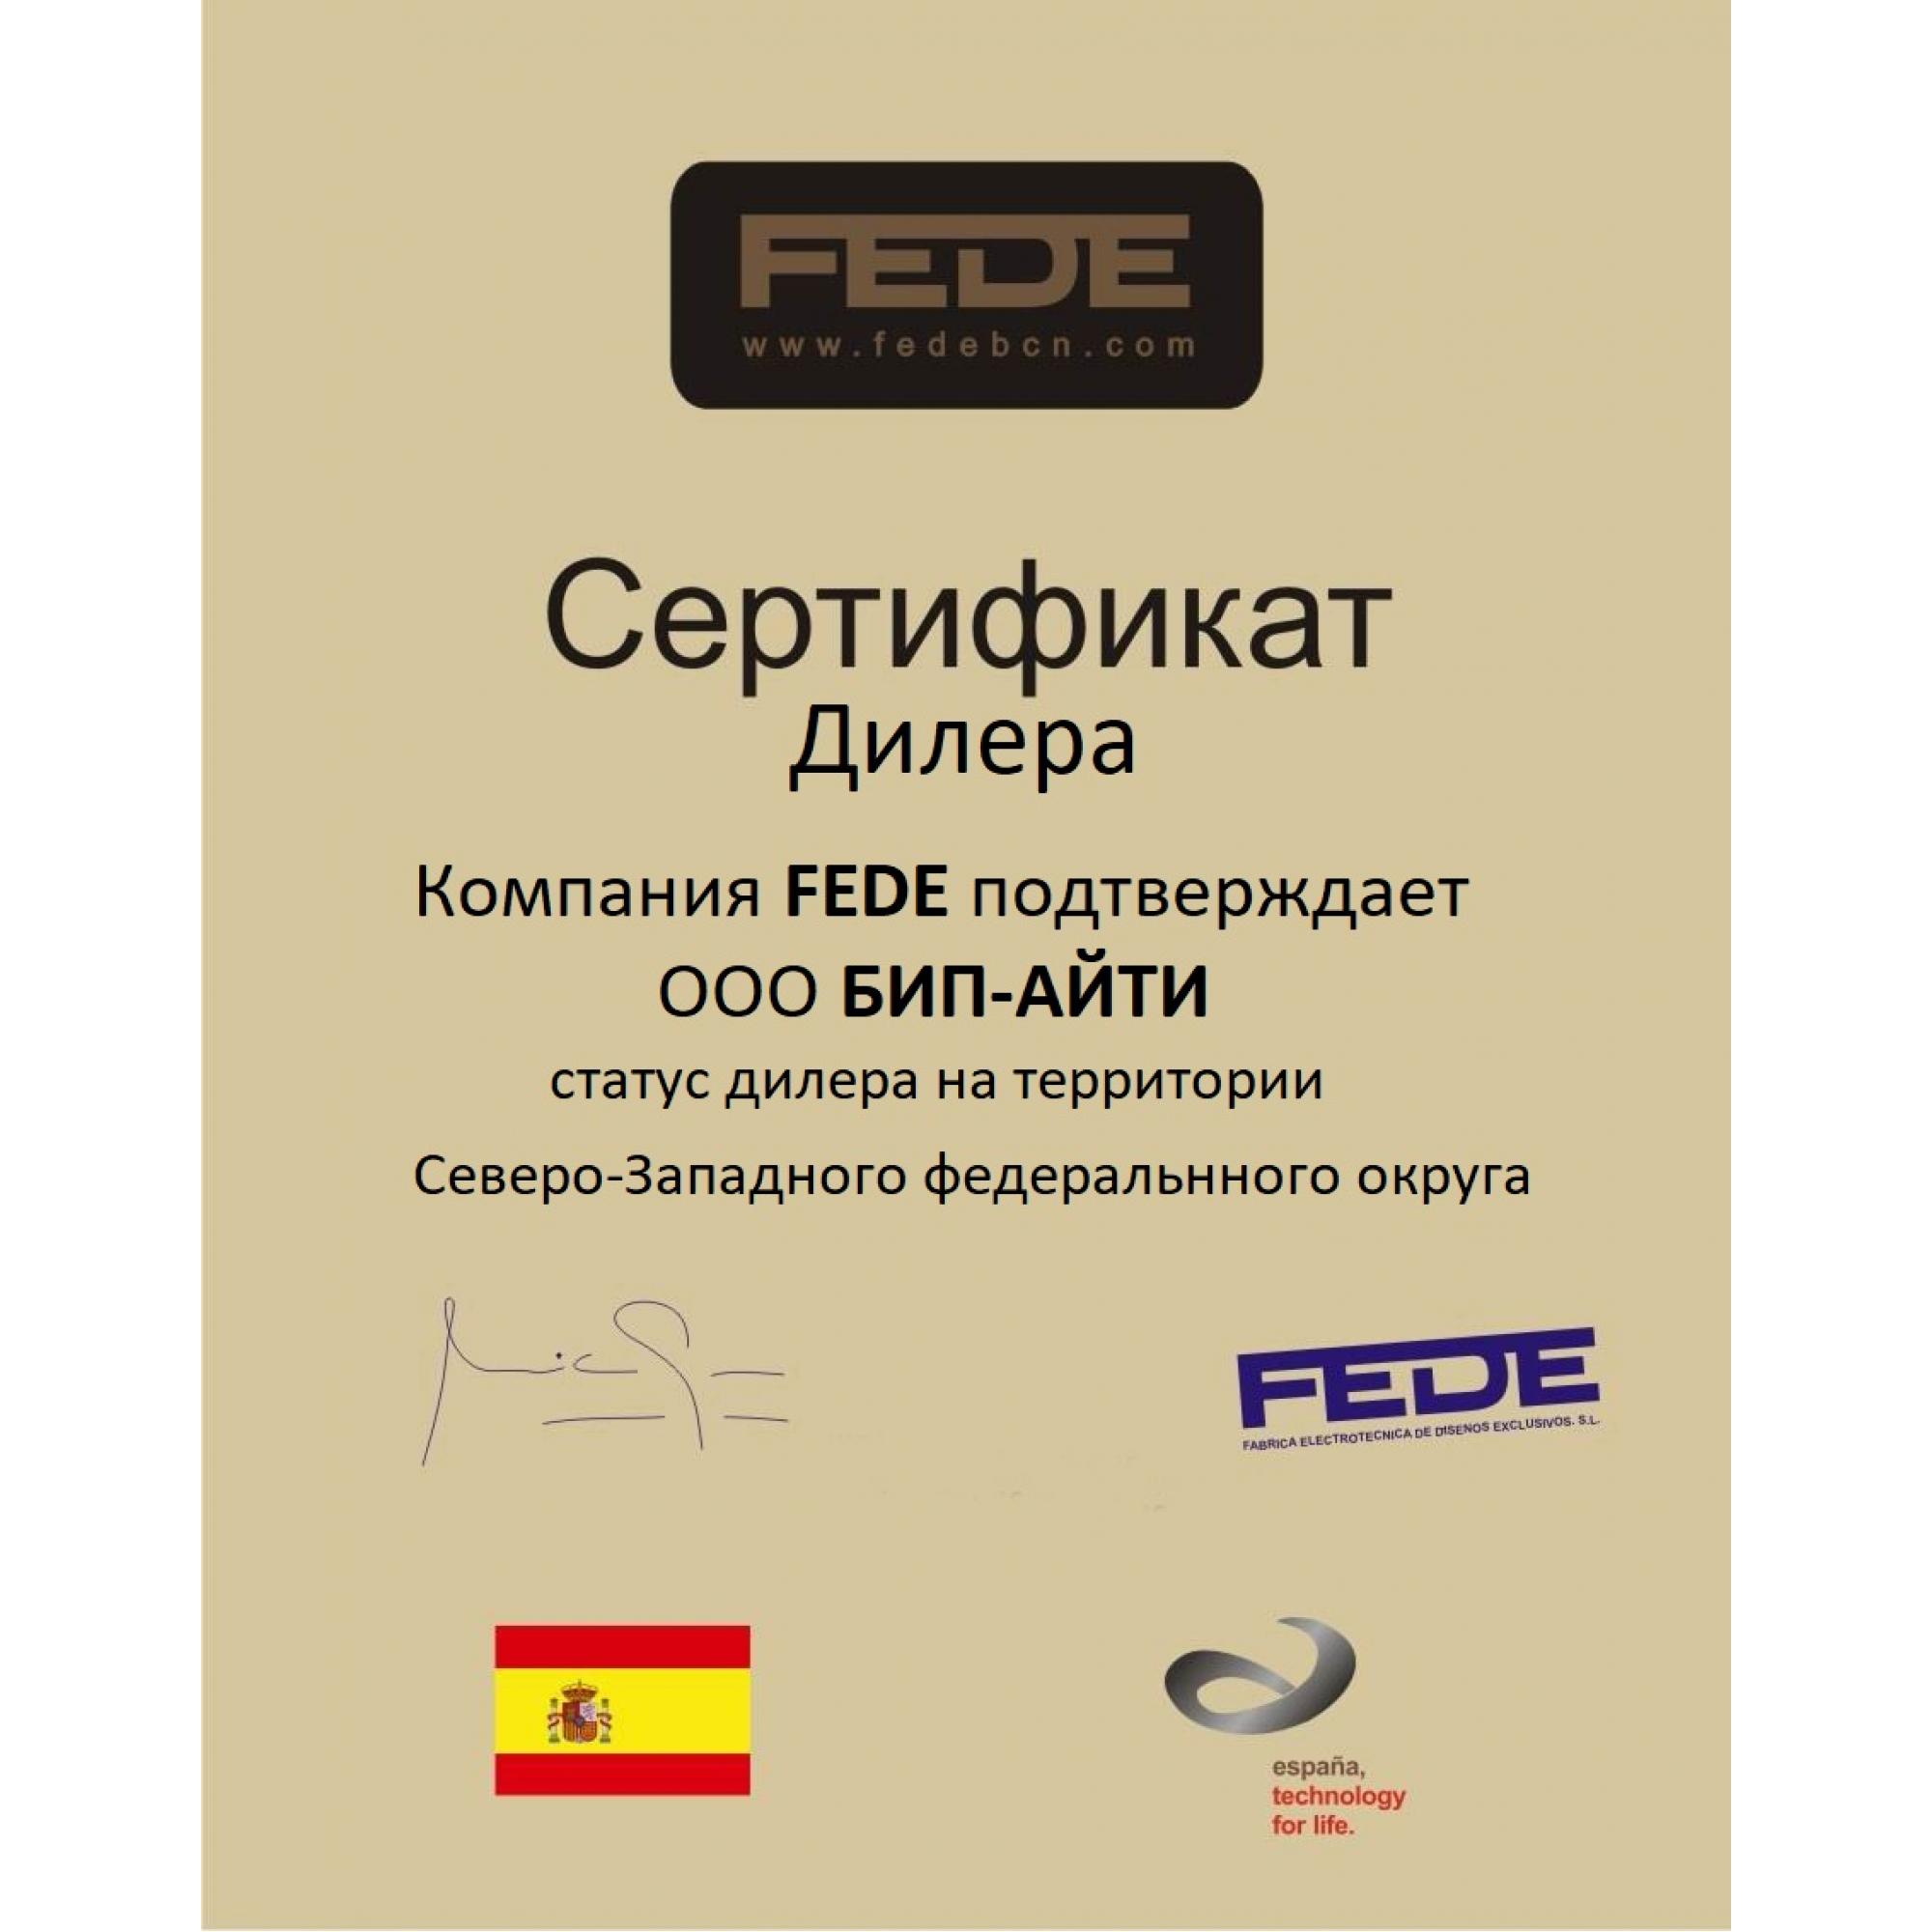 Сертификат официального дилера FEDE